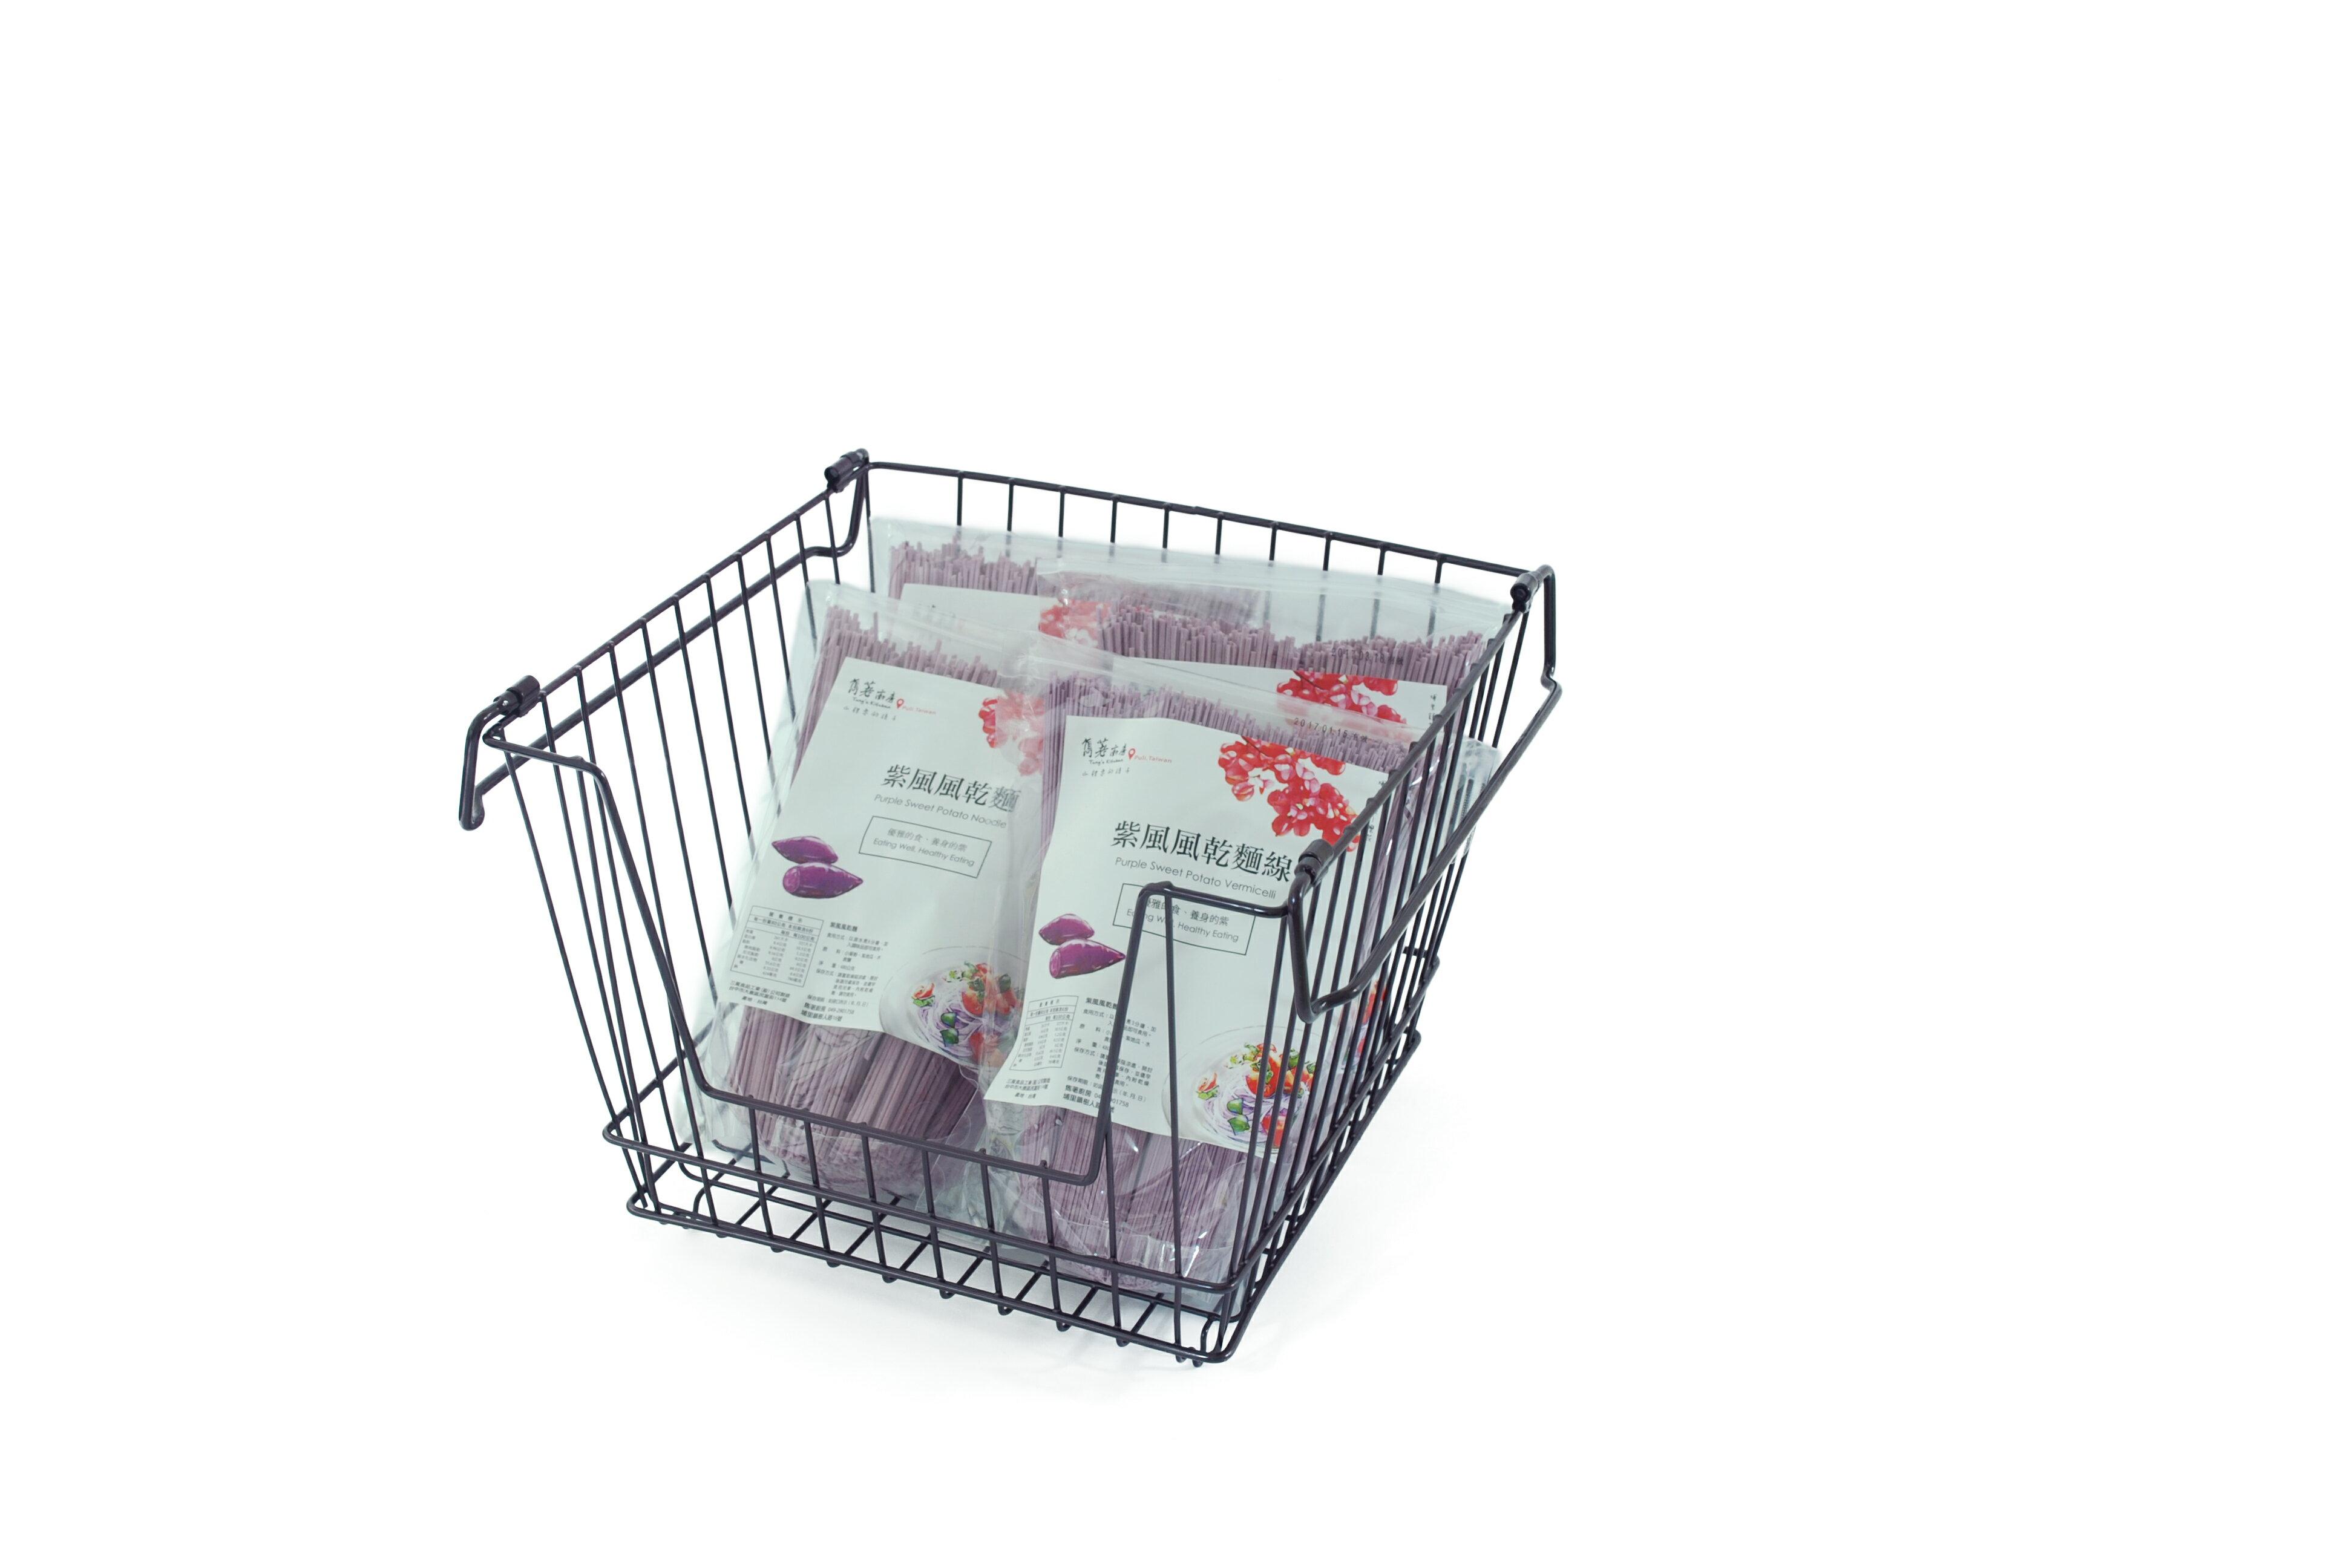 【凱樂絲】媽咪好幫手堆疊收納籃  一組三入促銷價899 - 自由DIY 空間利用 透氣通風, 客廳, 廚房, 衣櫃適用 3